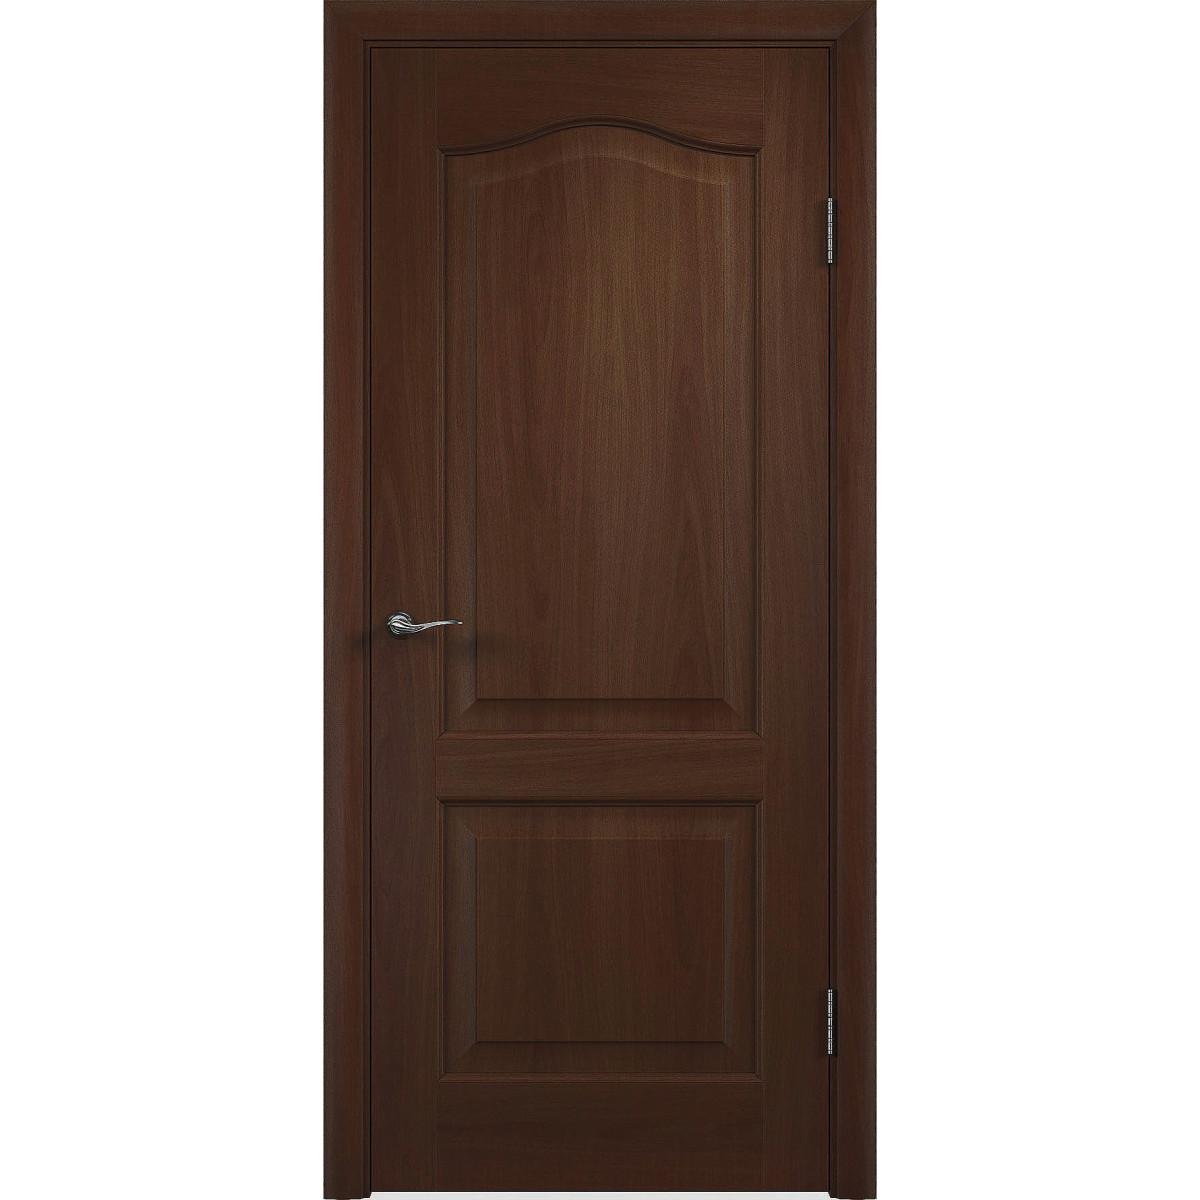 Дверь Межкомнатная Глухая Пвх Антик 70x200 Цвет Итальянский Орех